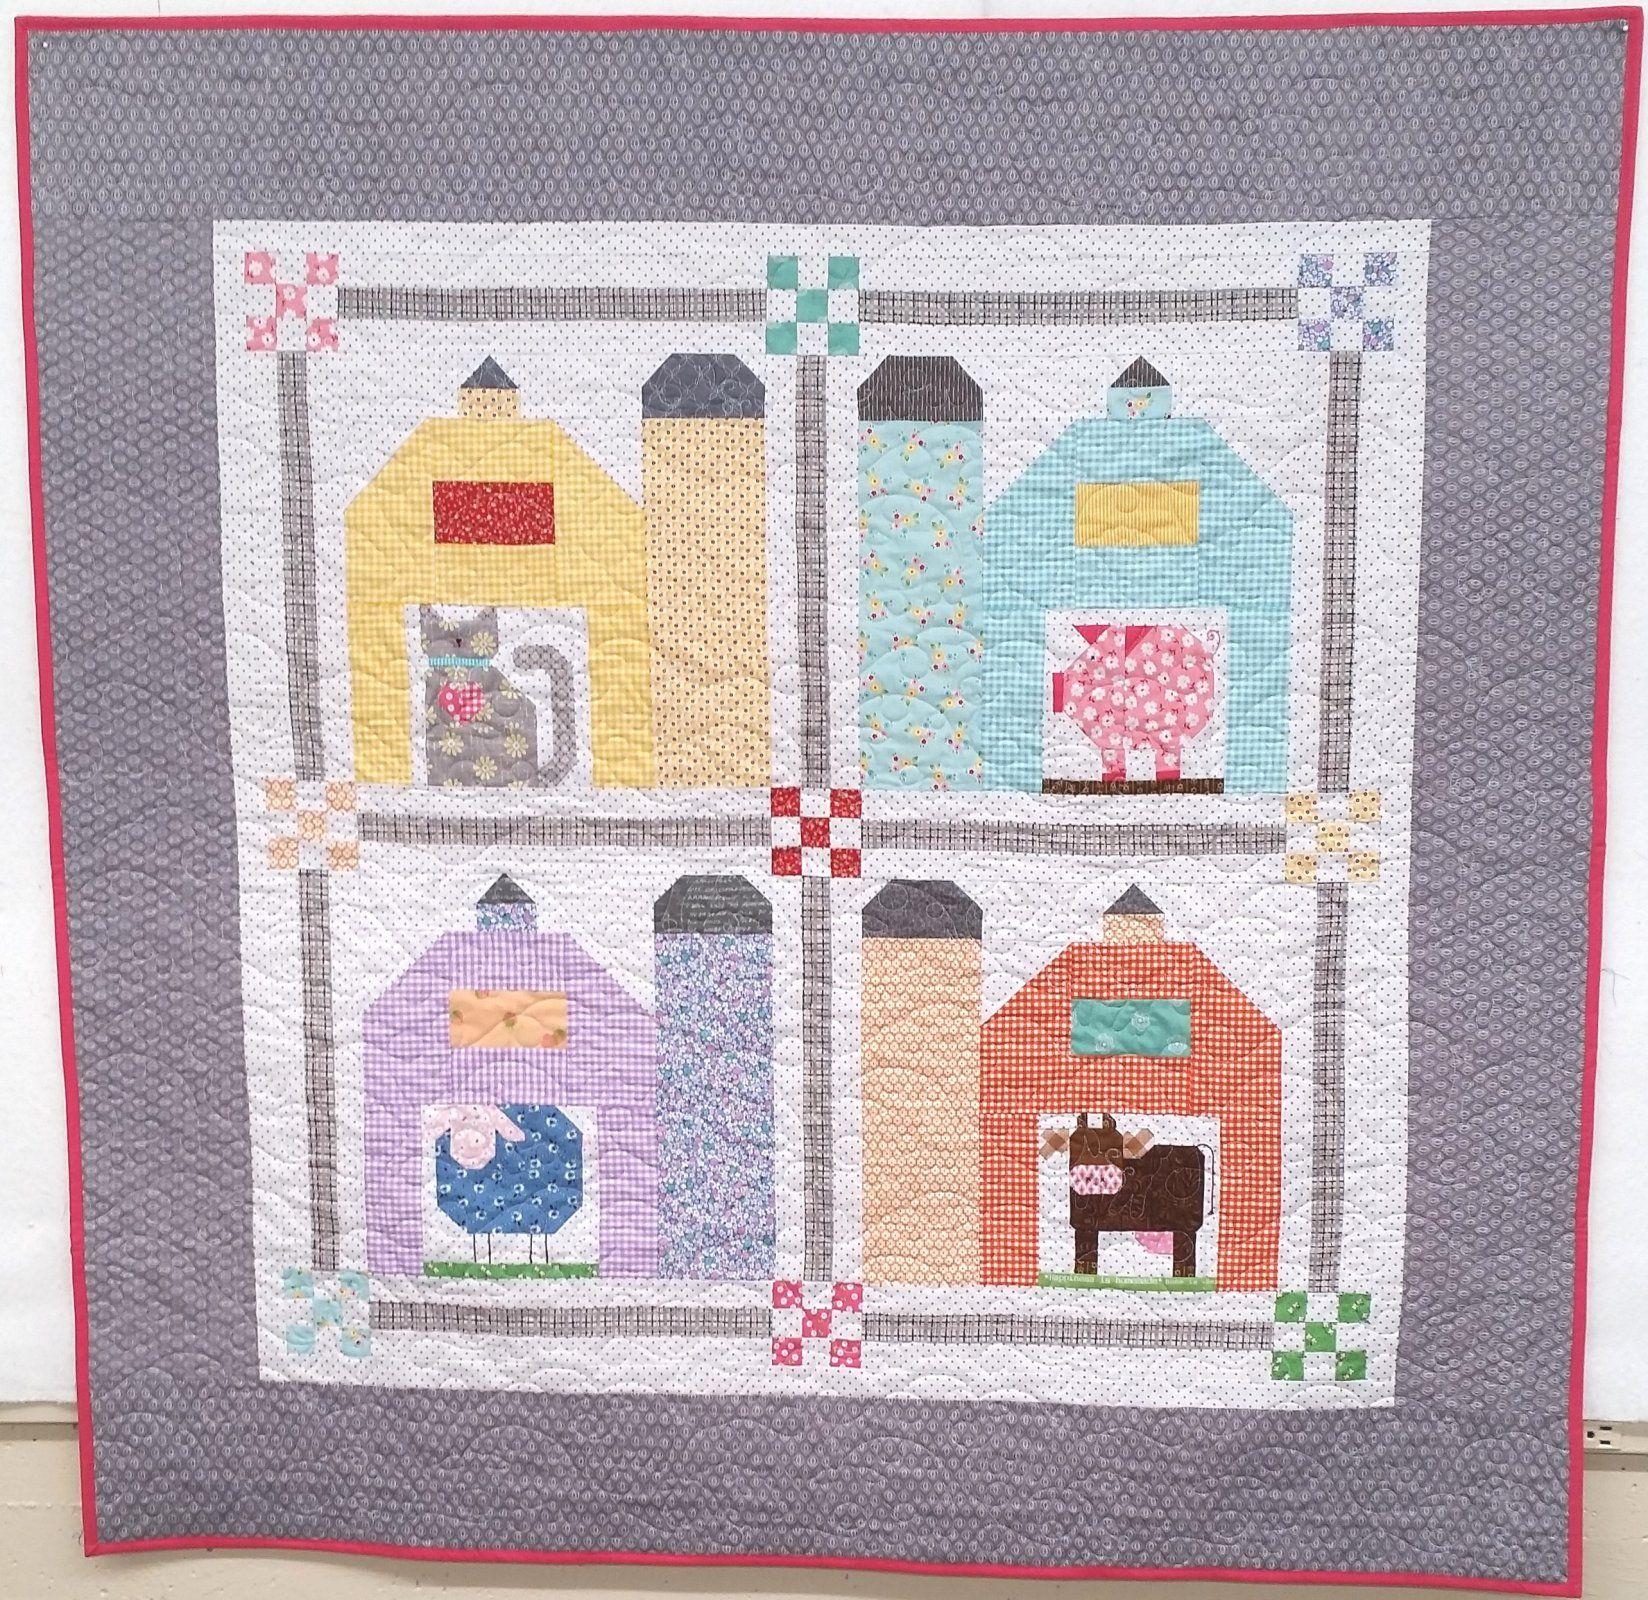 Lori Holt's Farm Girl Vintage - Barn Yard Quilt Kit - 51 x 51 ... : lori holt quilt patterns - Adamdwight.com